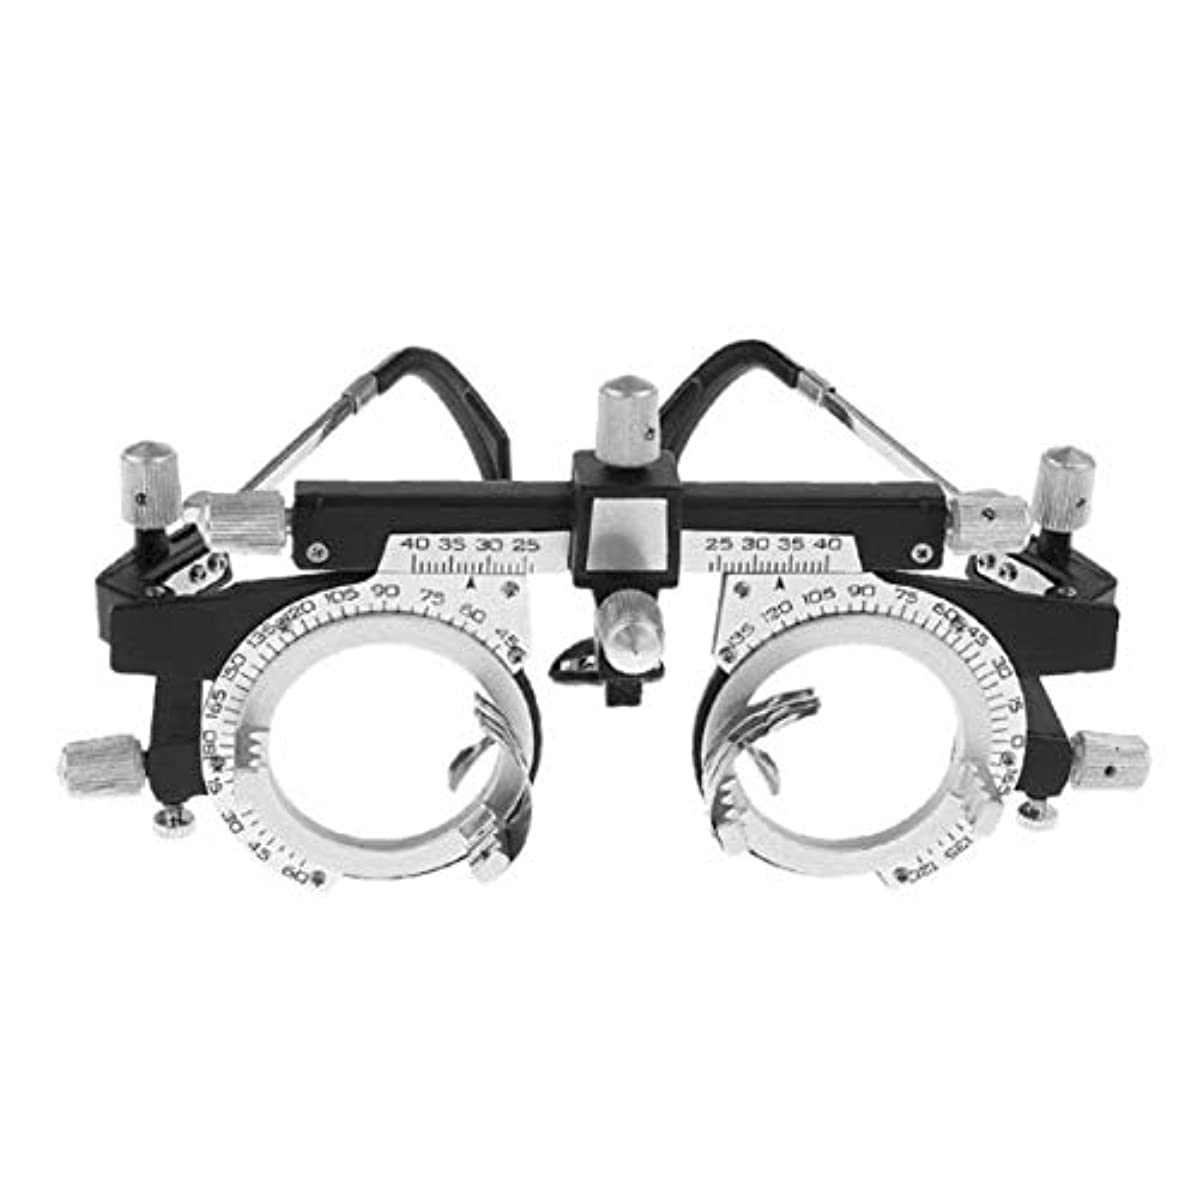 もっと少なく縫うディレイBirdlantern調節可能なプロフェッショナルアイウェア検眼メタルフレームオプティカルオプティクストライアルレンズメタルフレームPDメガネアクセサリー